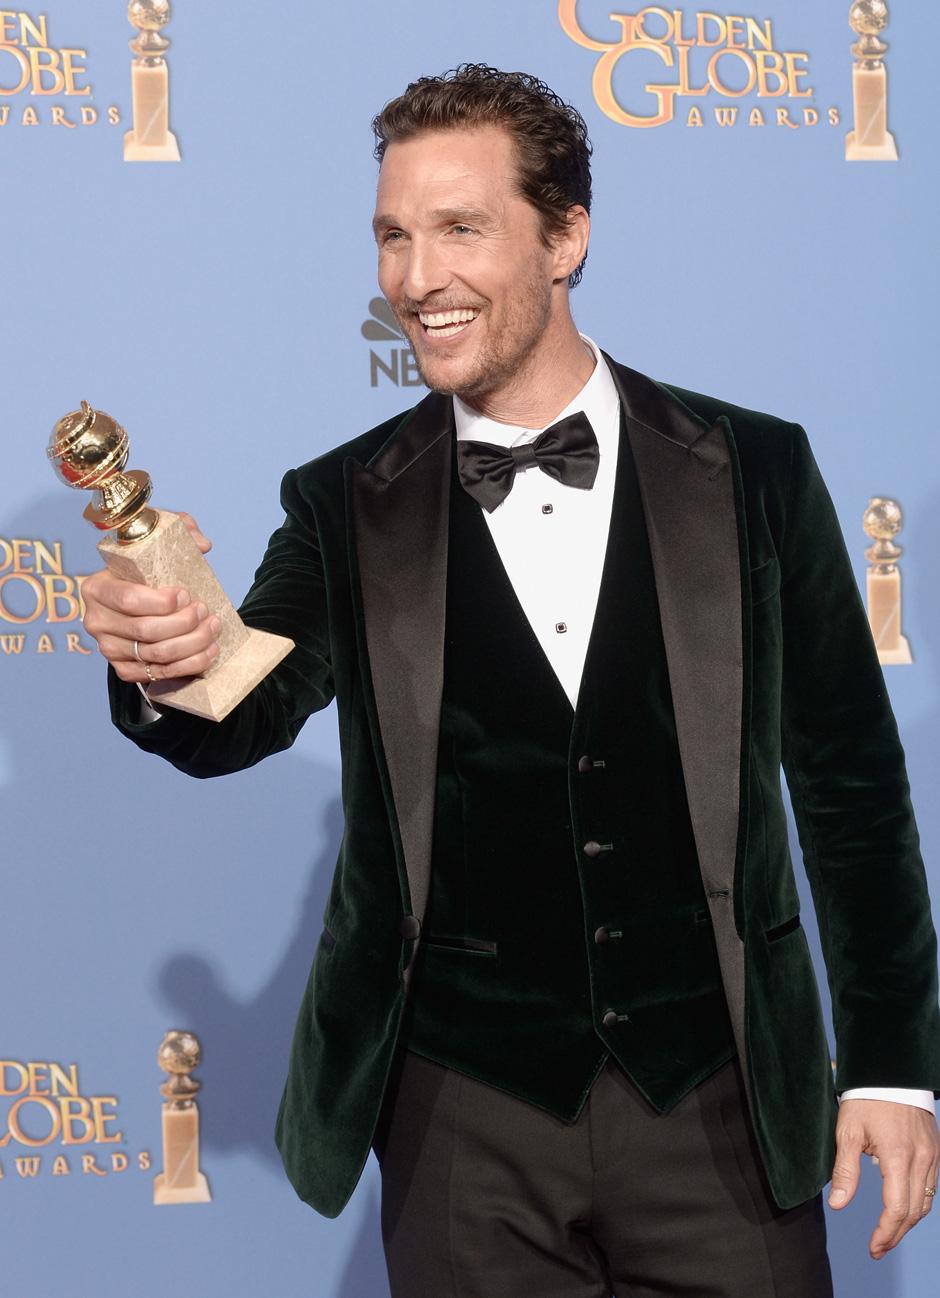 """Matthew McConaughey, como muita gente havia adiantado (inclusive nós) levou a melhor. E não foi só com o prêmio de Melhor Ator de Drama em """"Dallas Buyers Club"""". Mas também, com esse caprichado smoking aveludado de três peças, não dava para deixar por menos."""